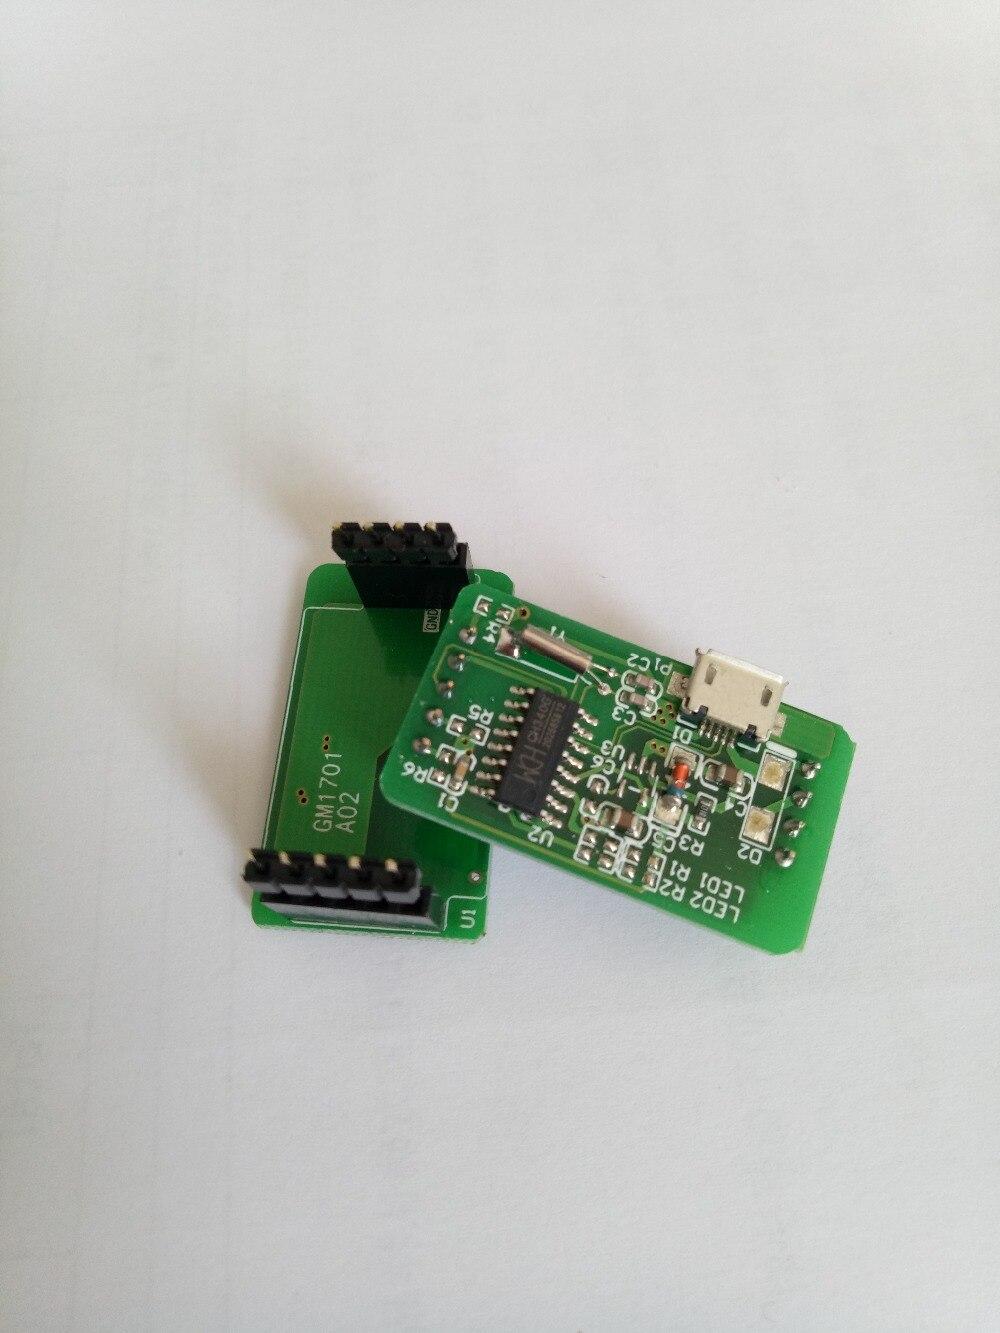 S80053 carbon dioxide gas sensor test suite